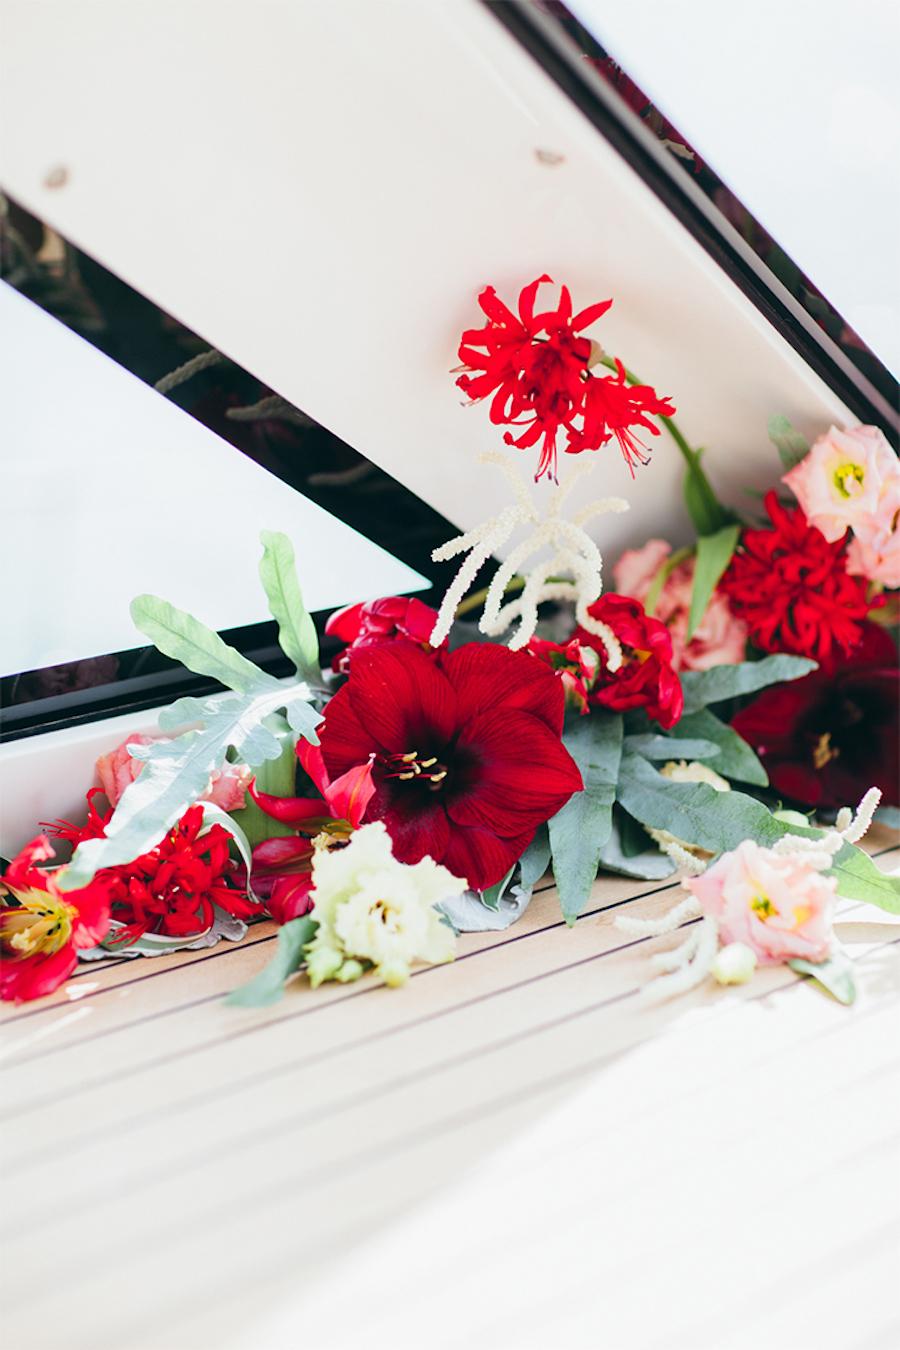 fiori rossi tropicali